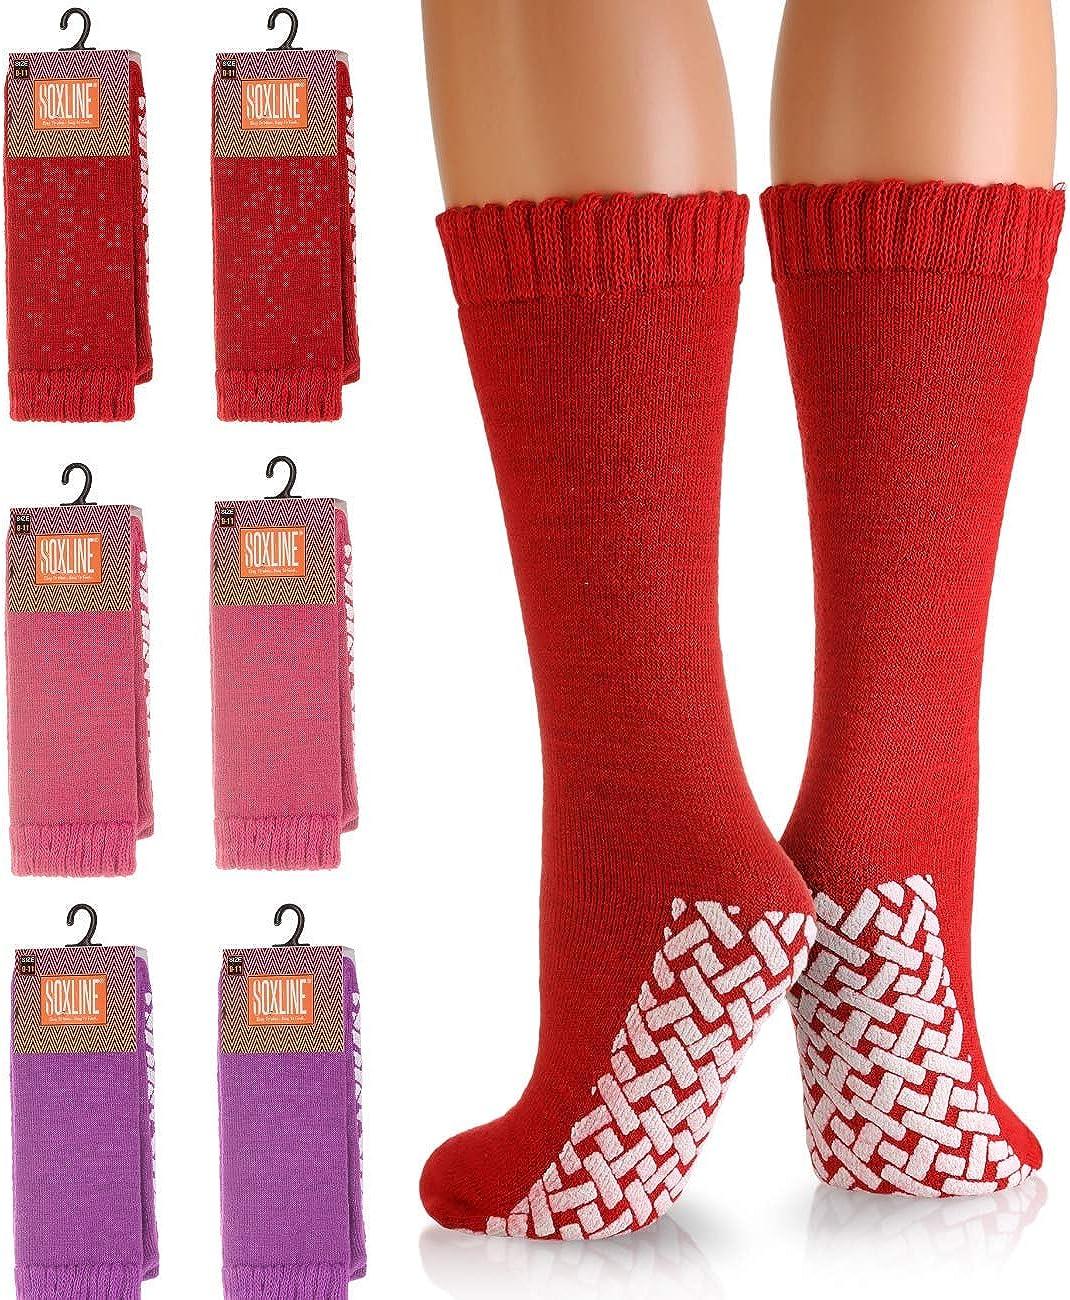 Hospital Socks - Non-Skid No Slip Tube Sock for Women and Men